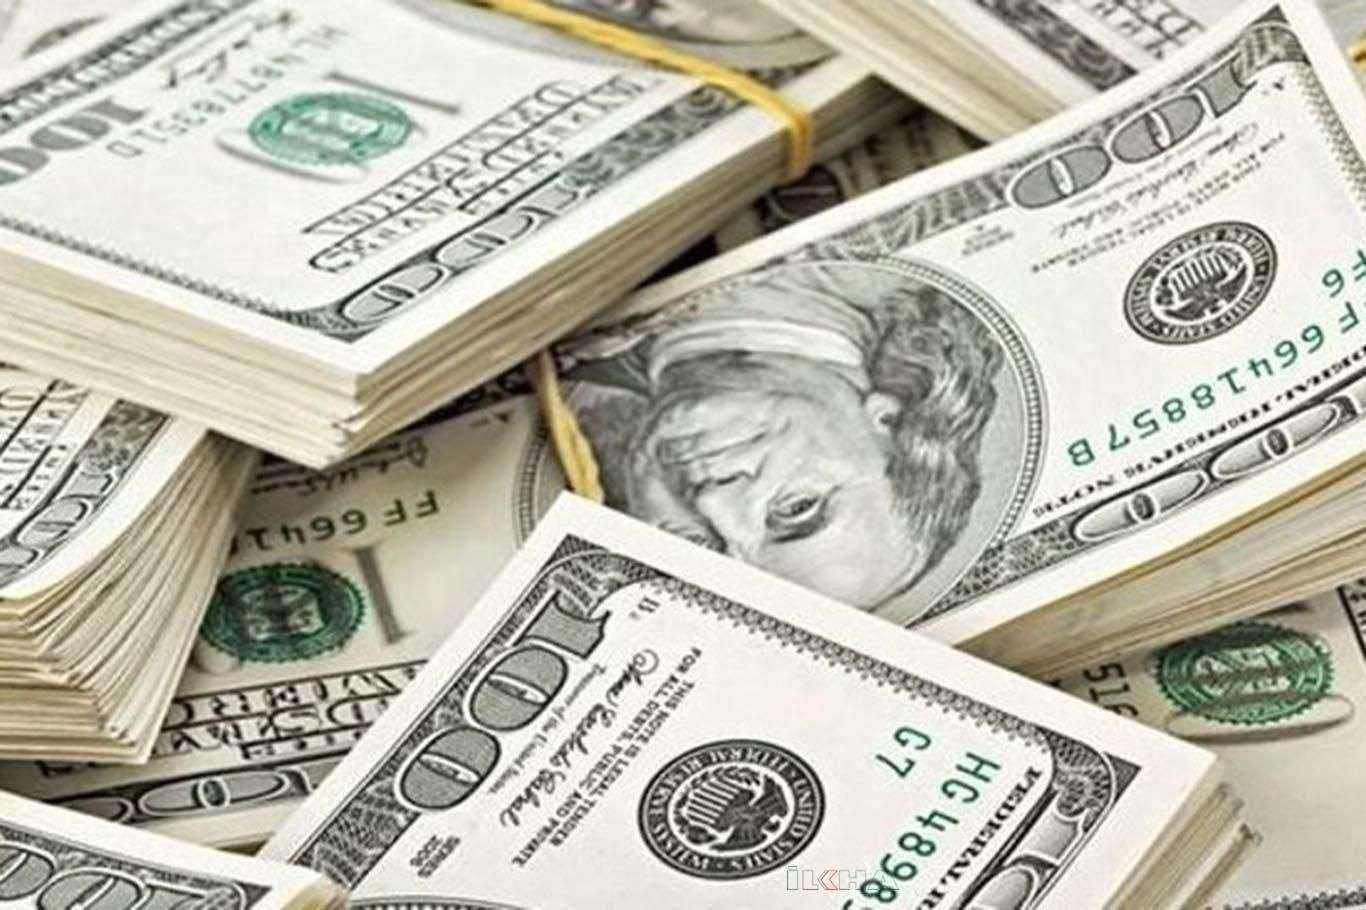 Döviz Kurlarında Son Durum Nedir? Dolar Kaç TL? Euro Kaç TL